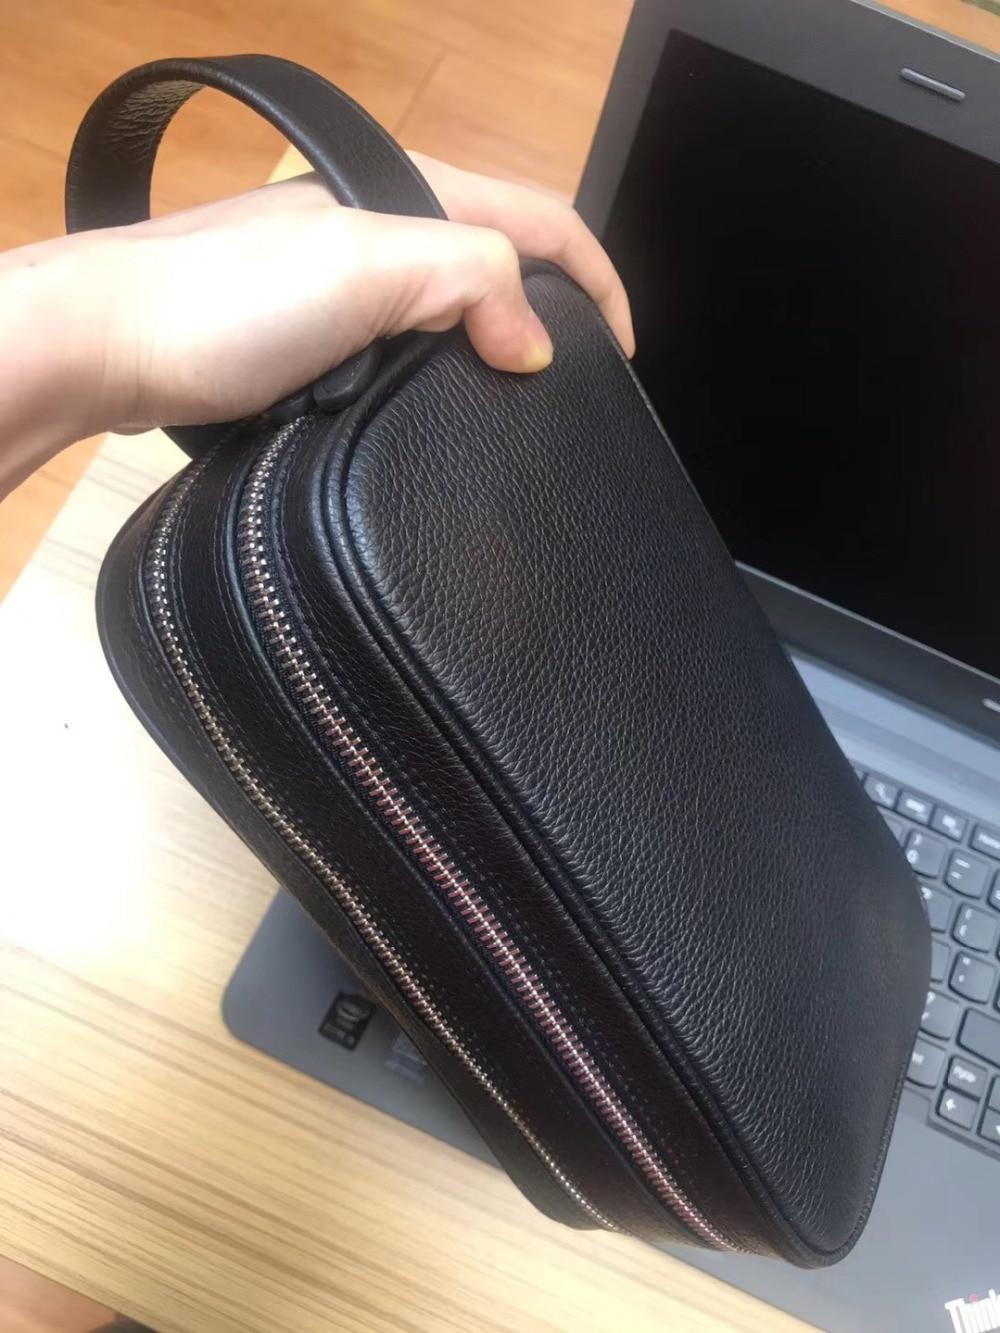 Portfolio 2 Männer Zipper Taschen Tasche Handtasche Zwei Große Echtem Marke Yinte C8013 Business Männlichen Bag Luxus Kupplung Black Leder Clutch Casual Aus qUxaWAf